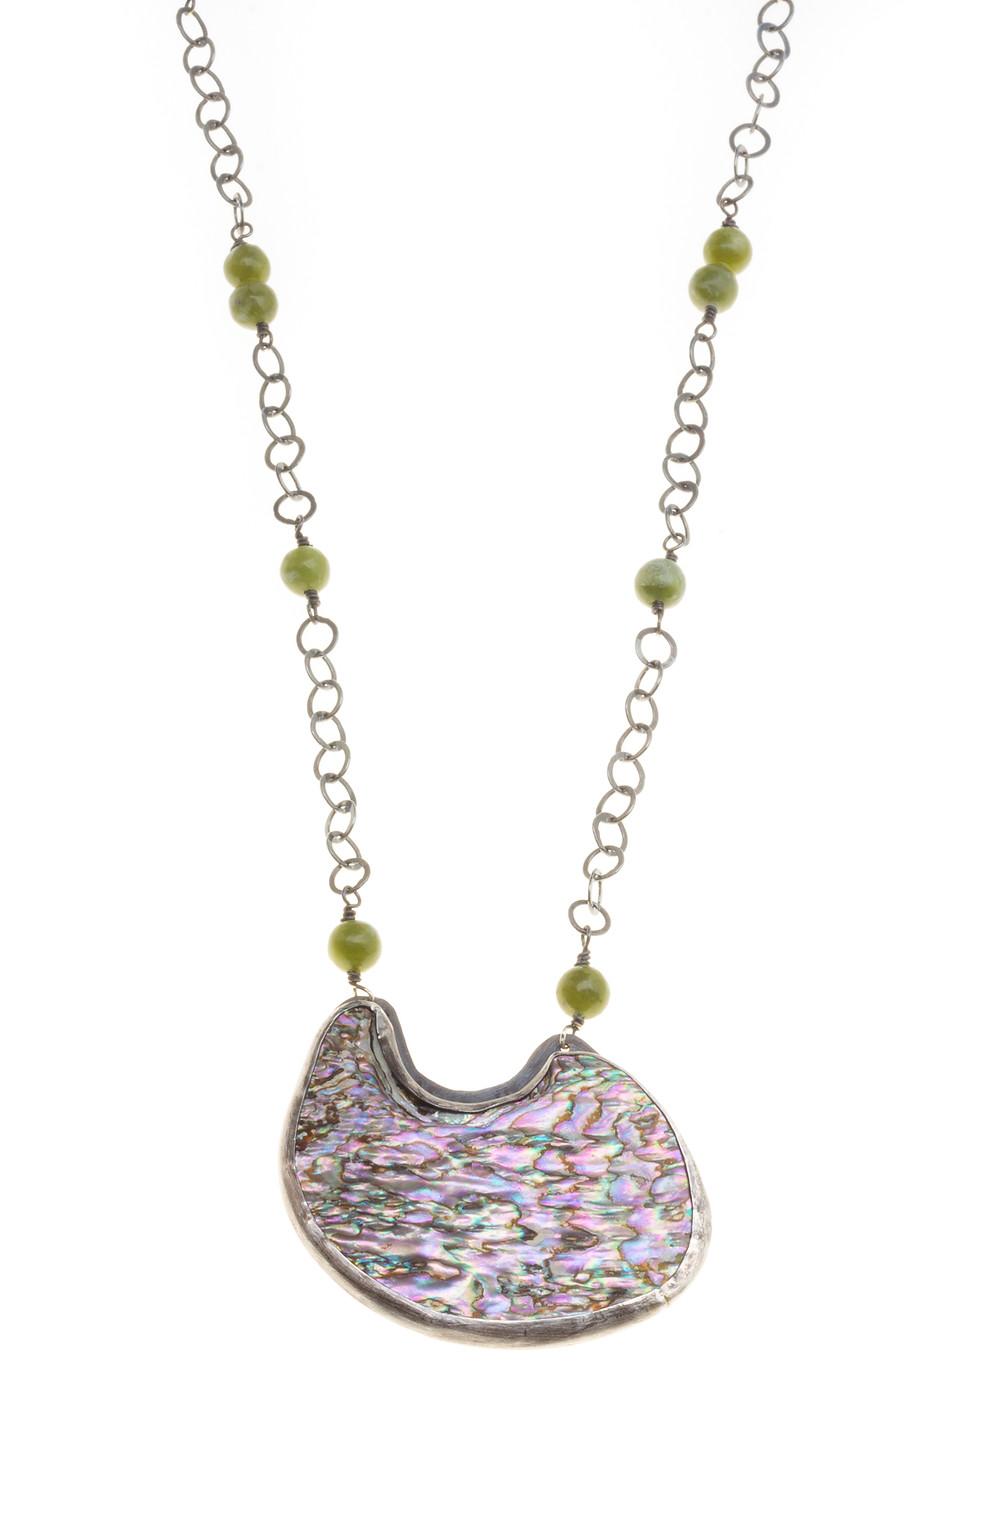 http://www.jivitajewelry.com/product-page/rocky-coast-necklace